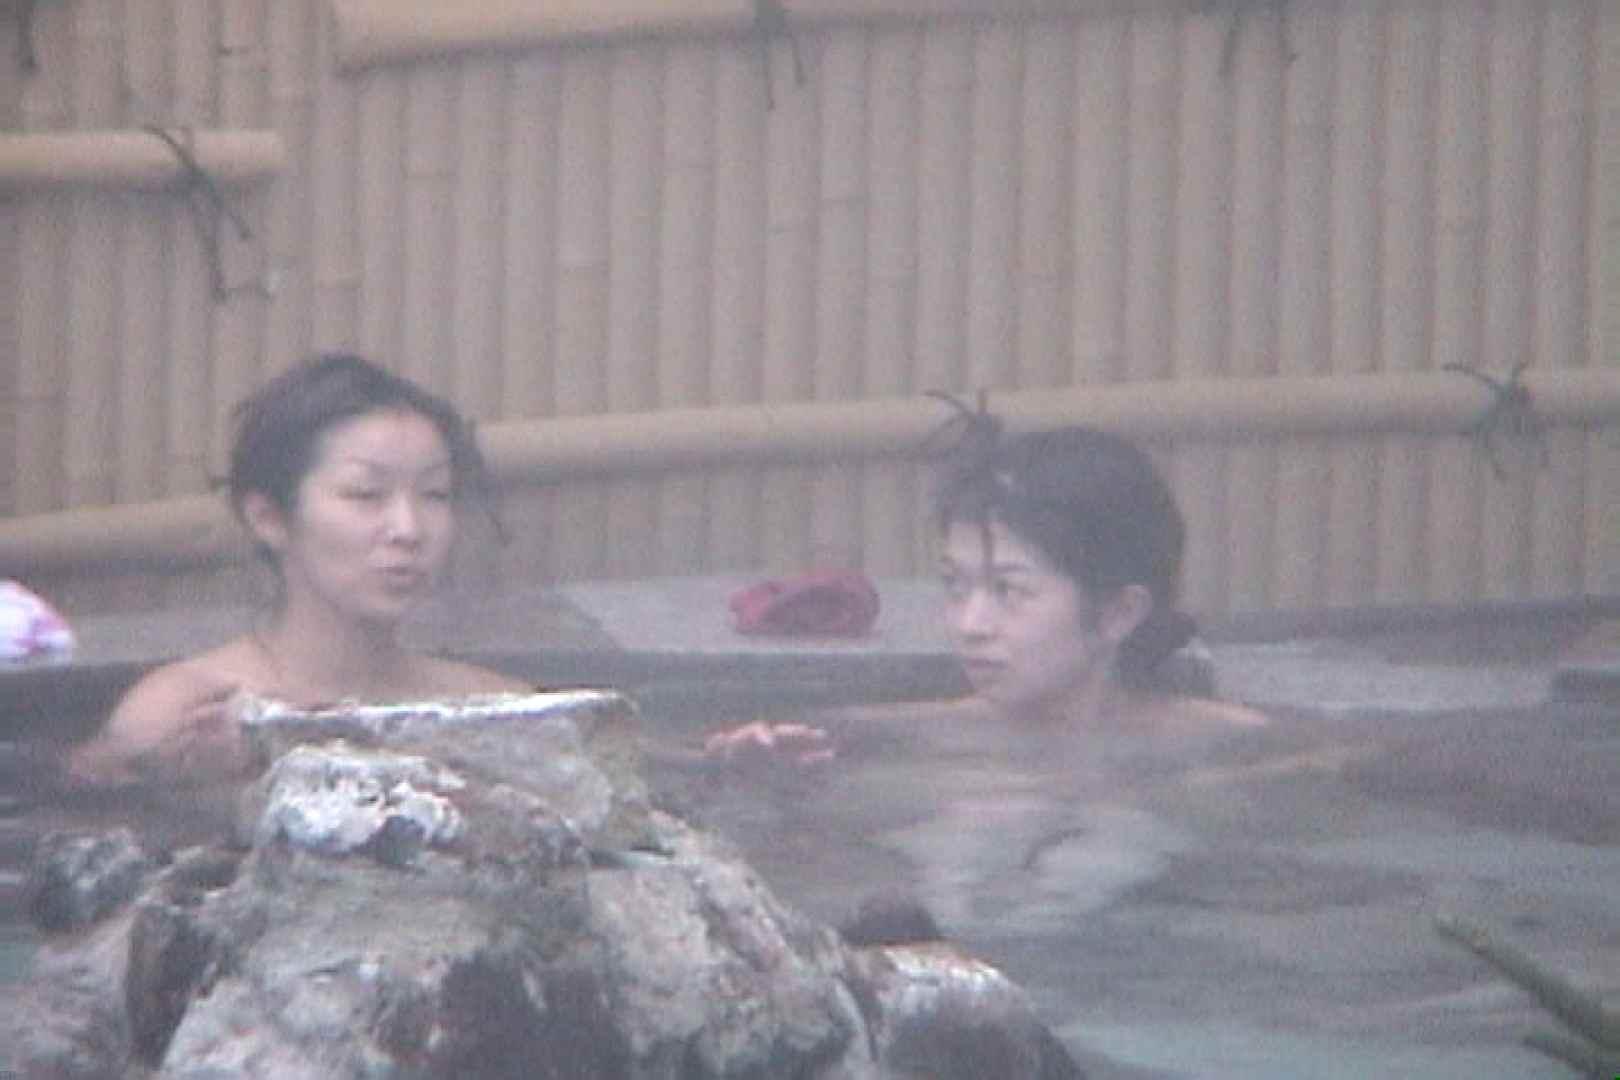 Aquaな露天風呂Vol.82【VIP限定】 OLハメ撮り  101Pix 1